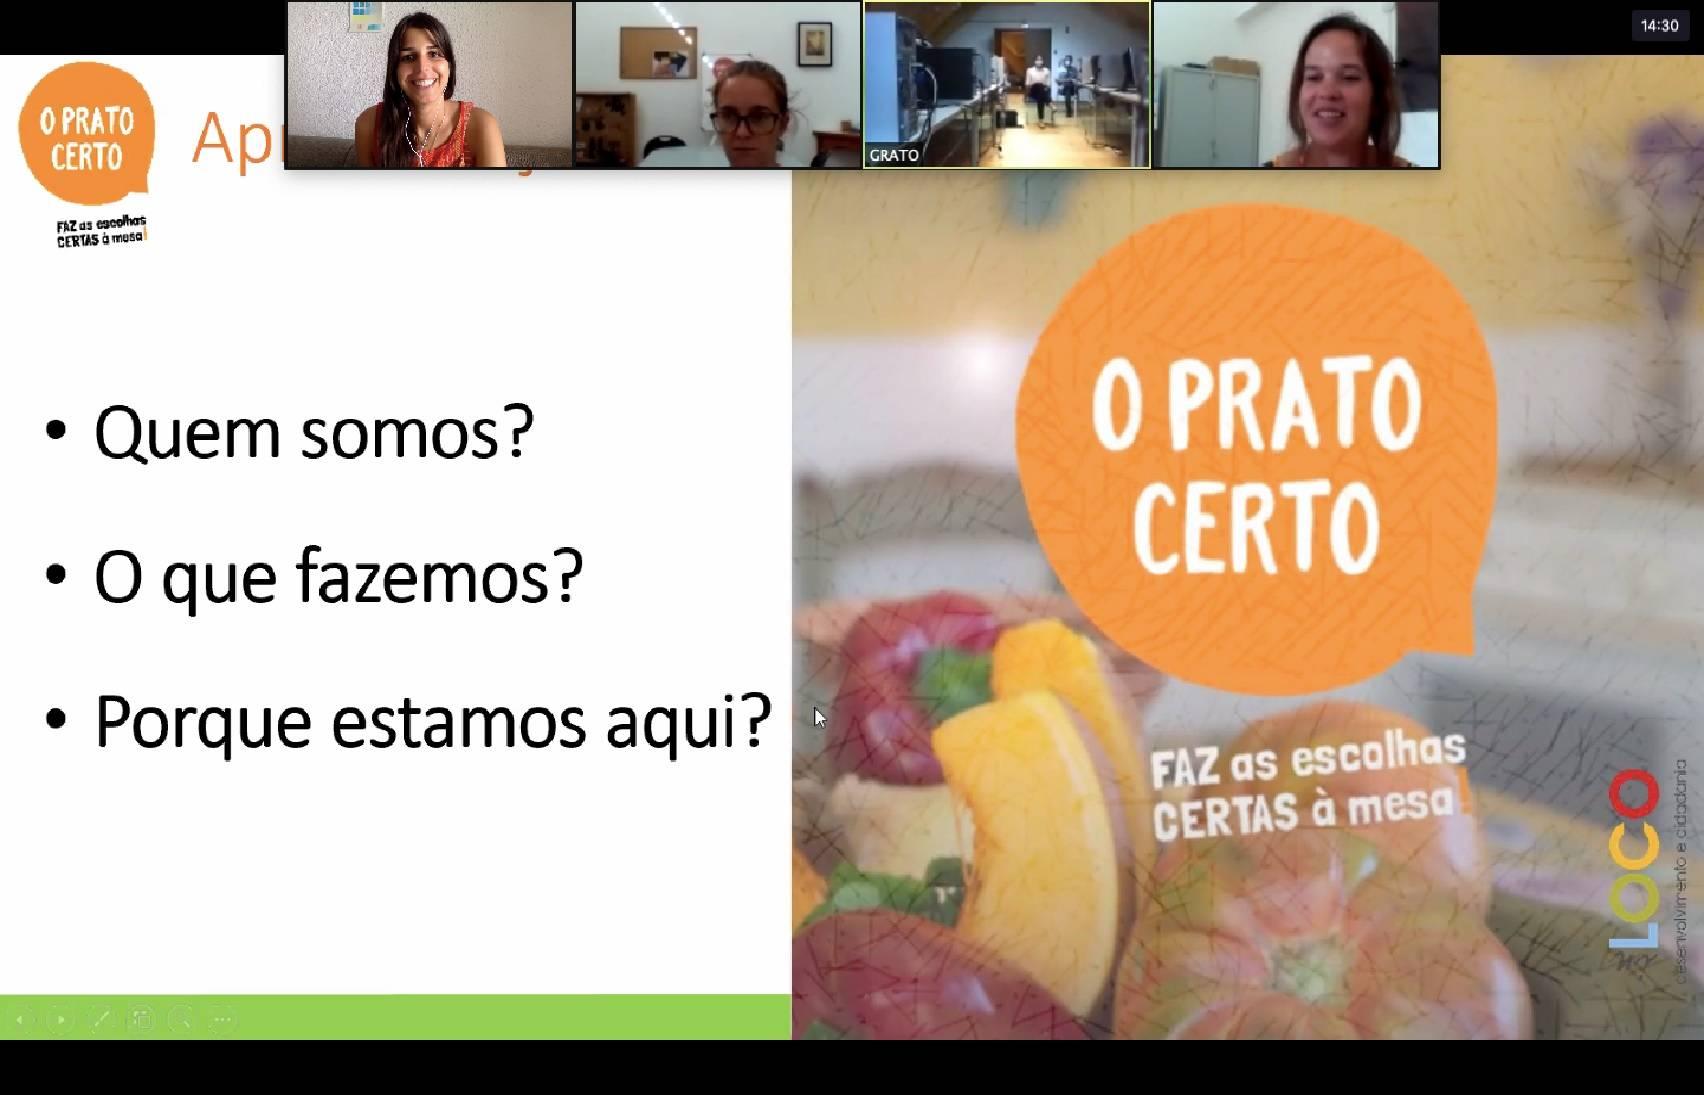 O Prato Certo adapta metodologias e prossegue com sessões onlinede sensibilização e educação alimentar